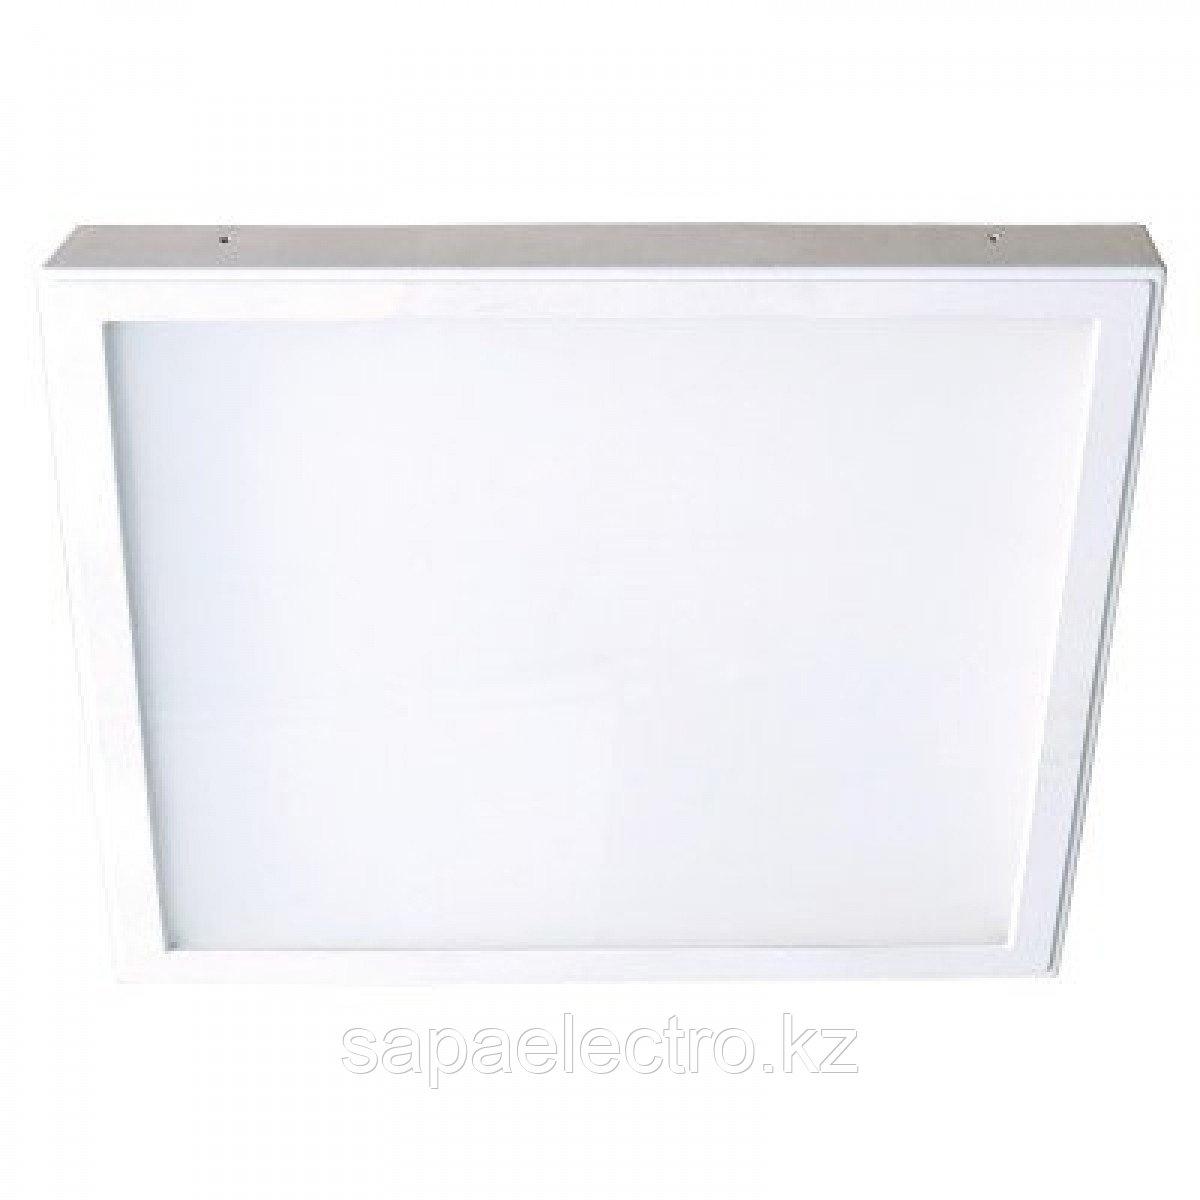 Св-к LED ULS PANEL 48W WHITE  600X600 4500K MGL (TS